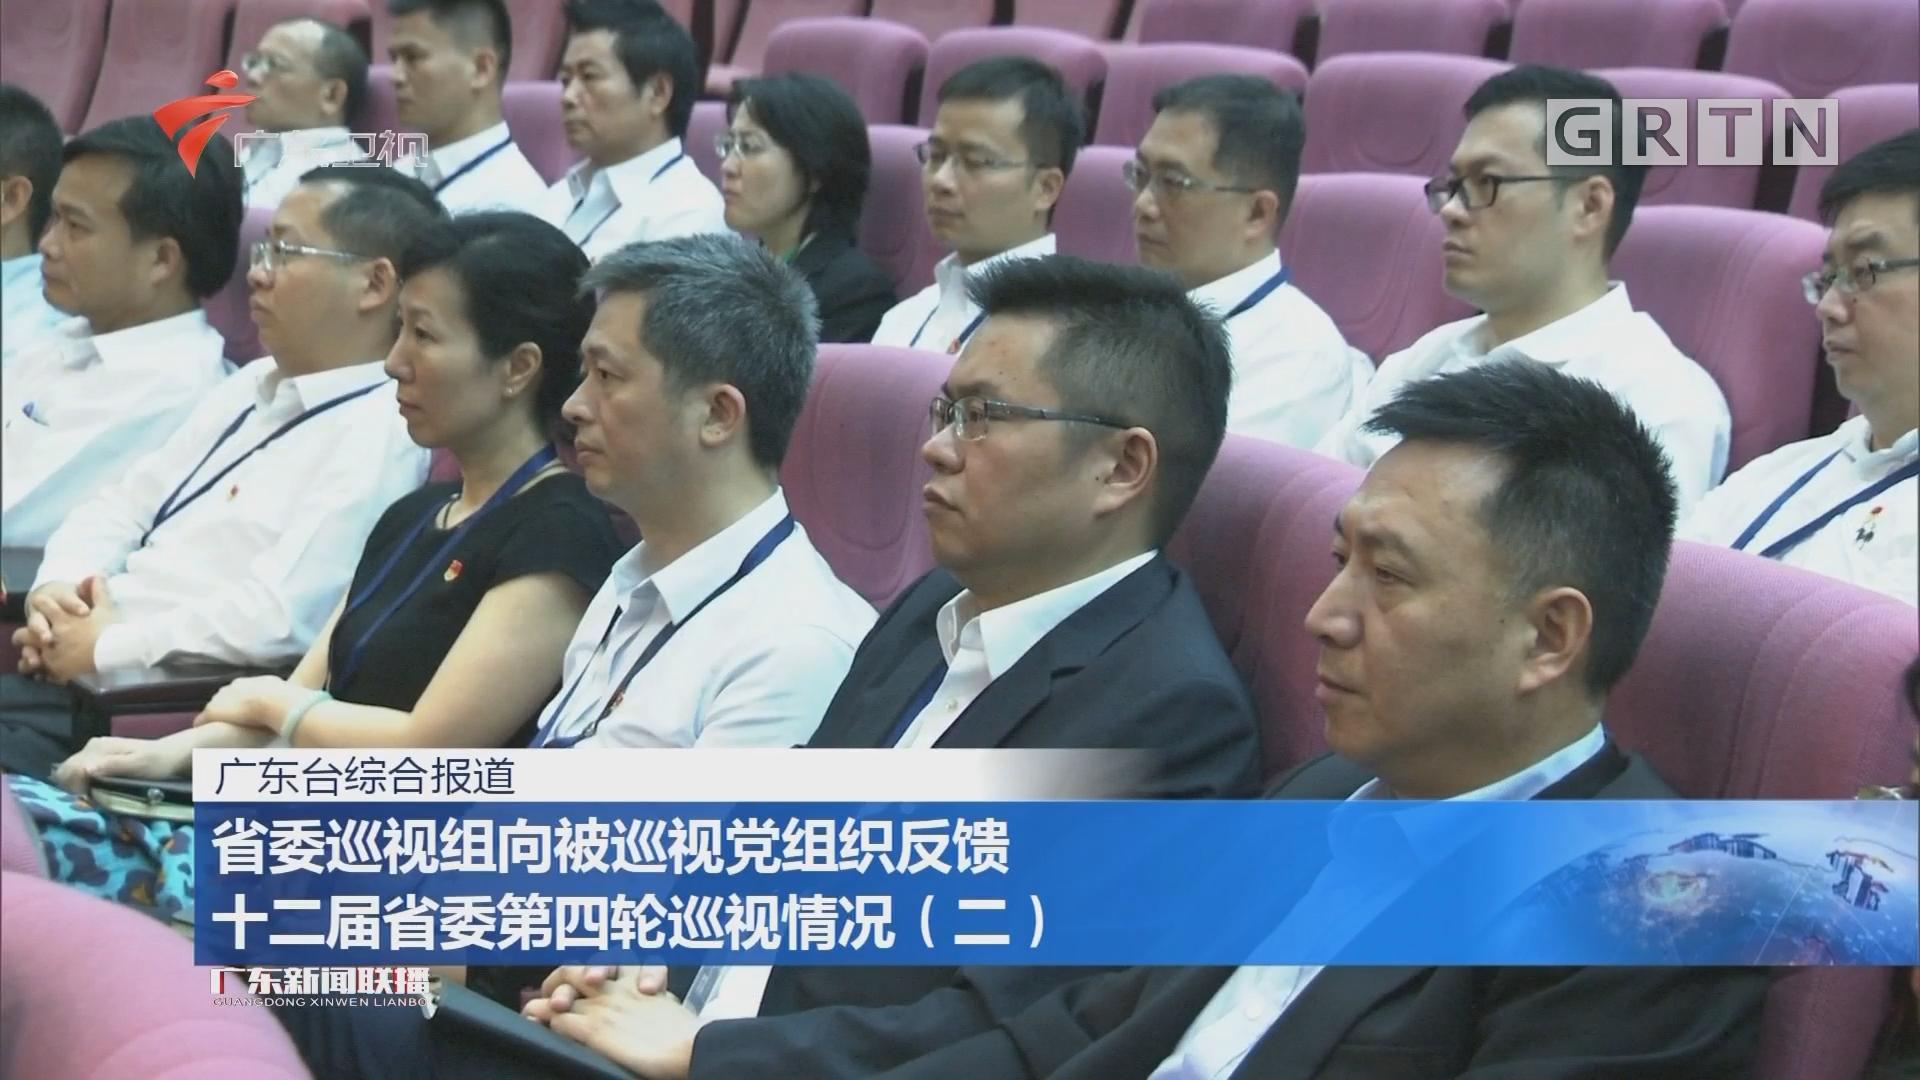 省委巡视组向被巡视党组织反馈十二届省委第四轮巡视情况(二)